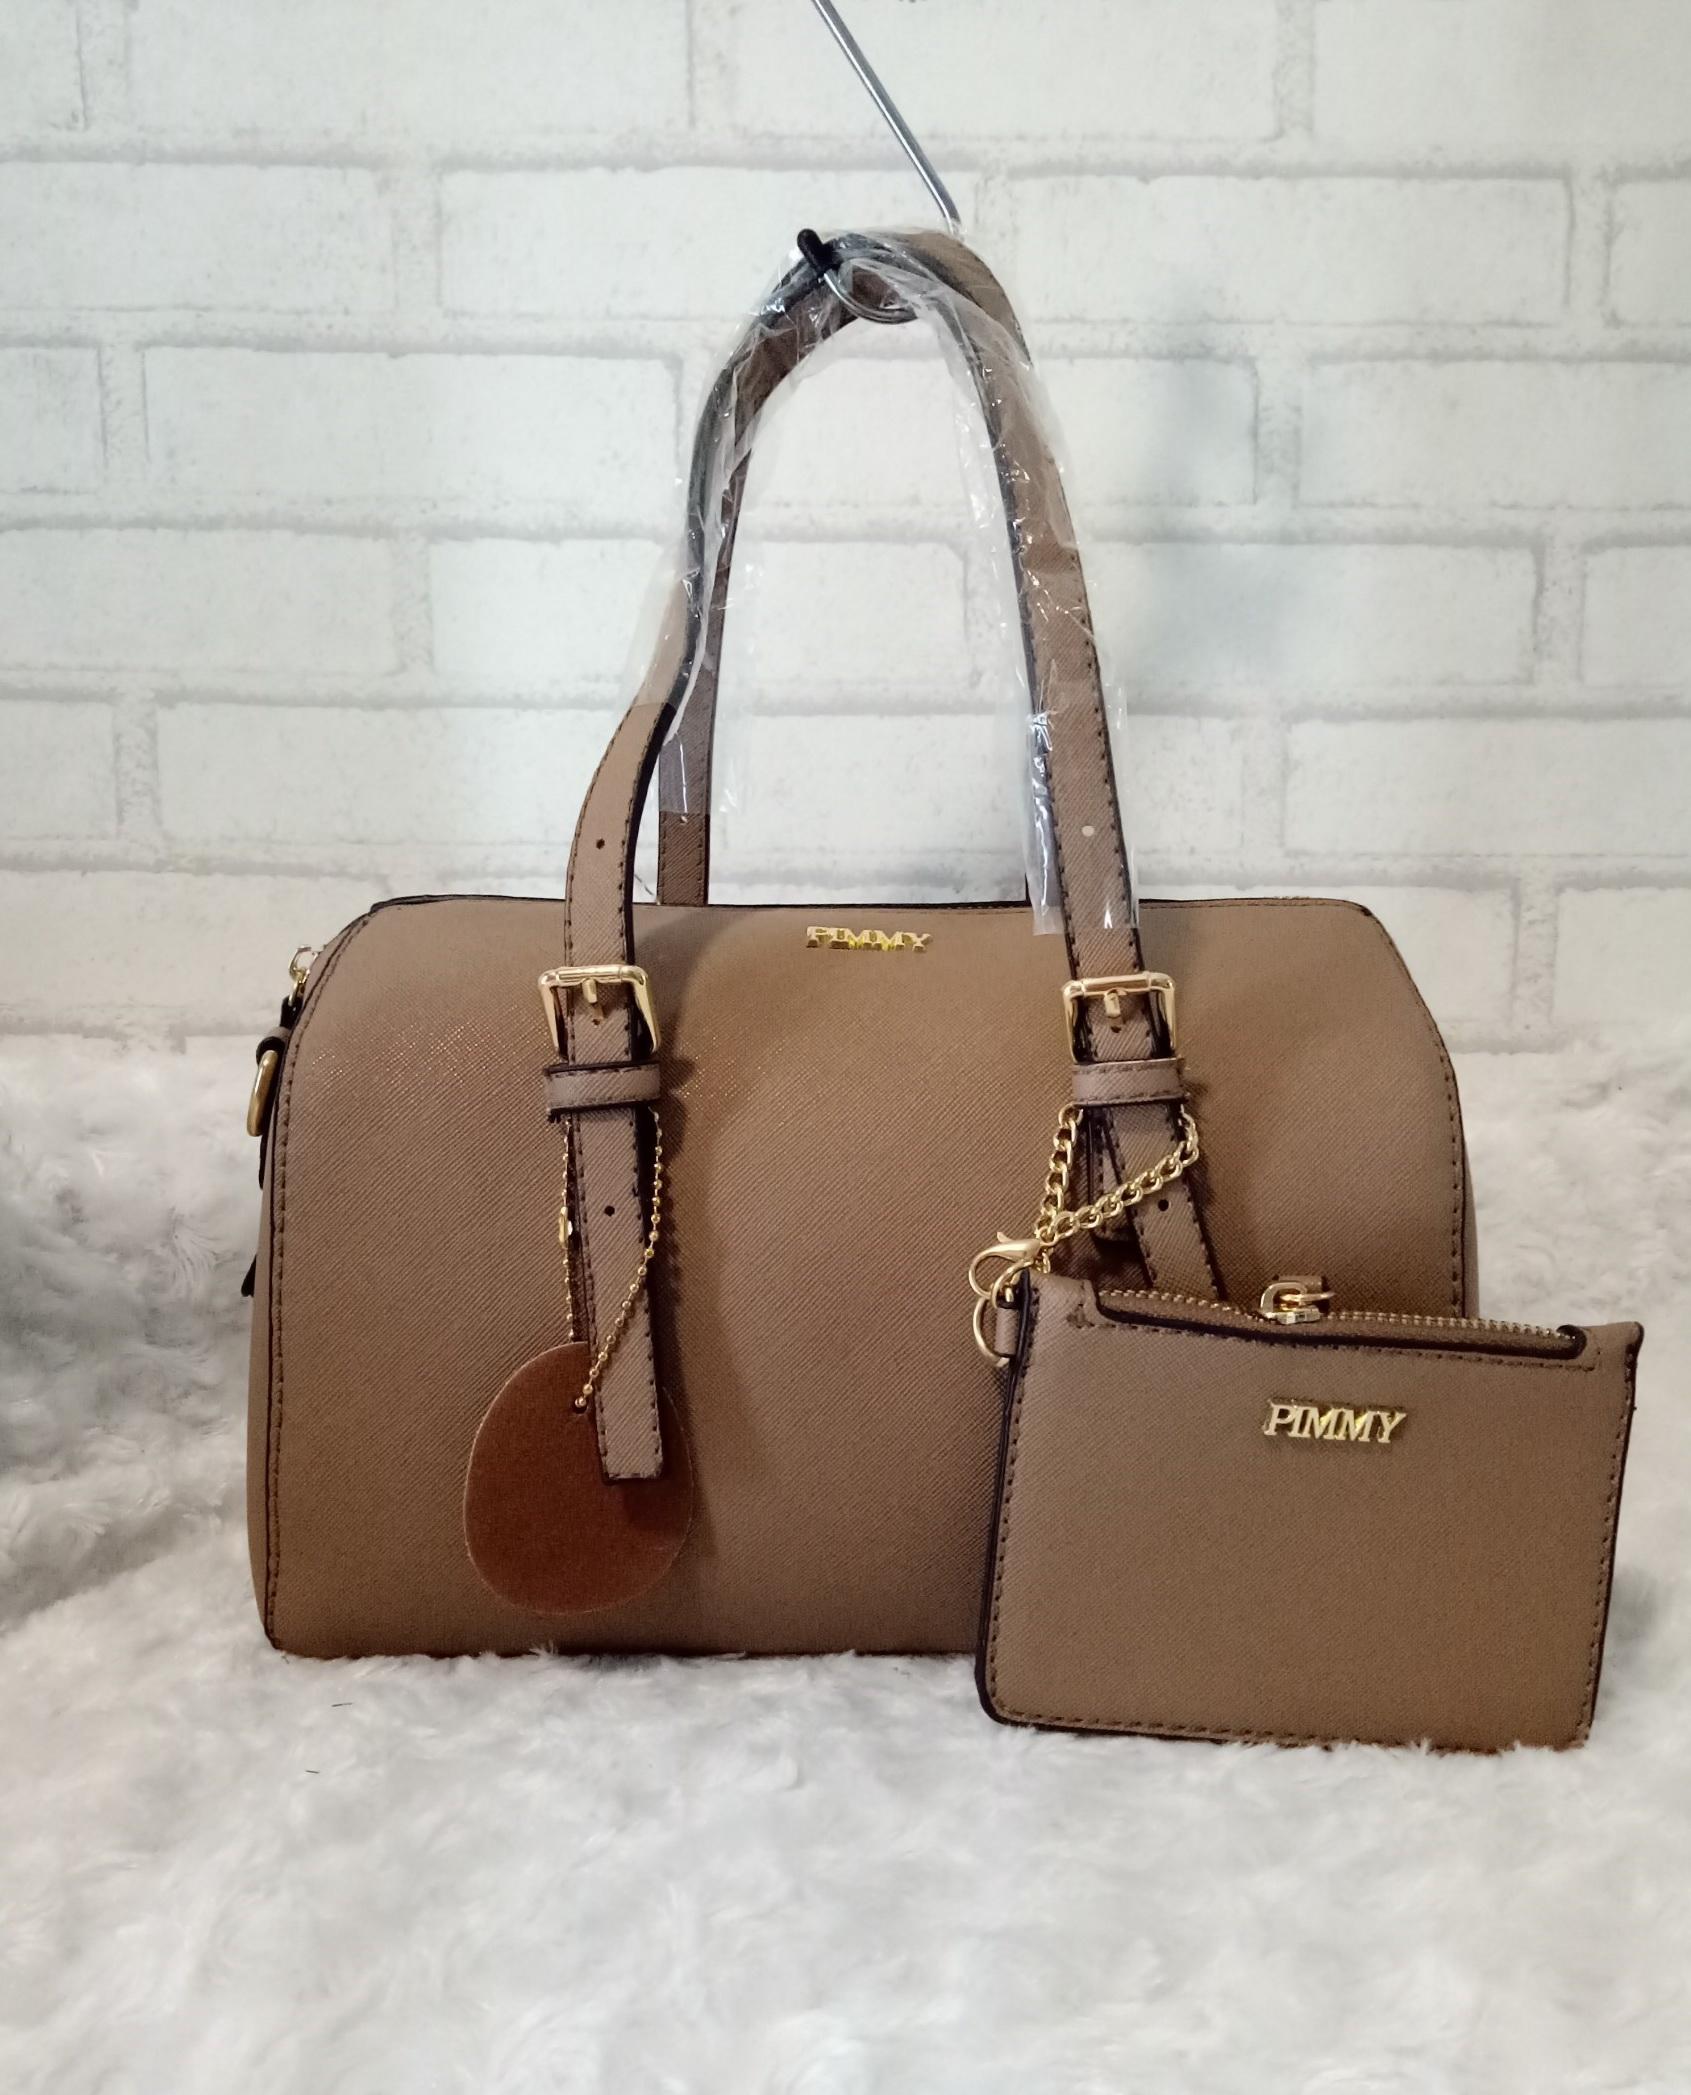 พิมมี่ทรงหมอน ขนาด 4.2*10*6.8 พร้อมกระเป๋าใยเล็ก สายสั้นสามารถปรับระดับได้ ด้านใน 1 ช่อง ตามสีกระเป๋า